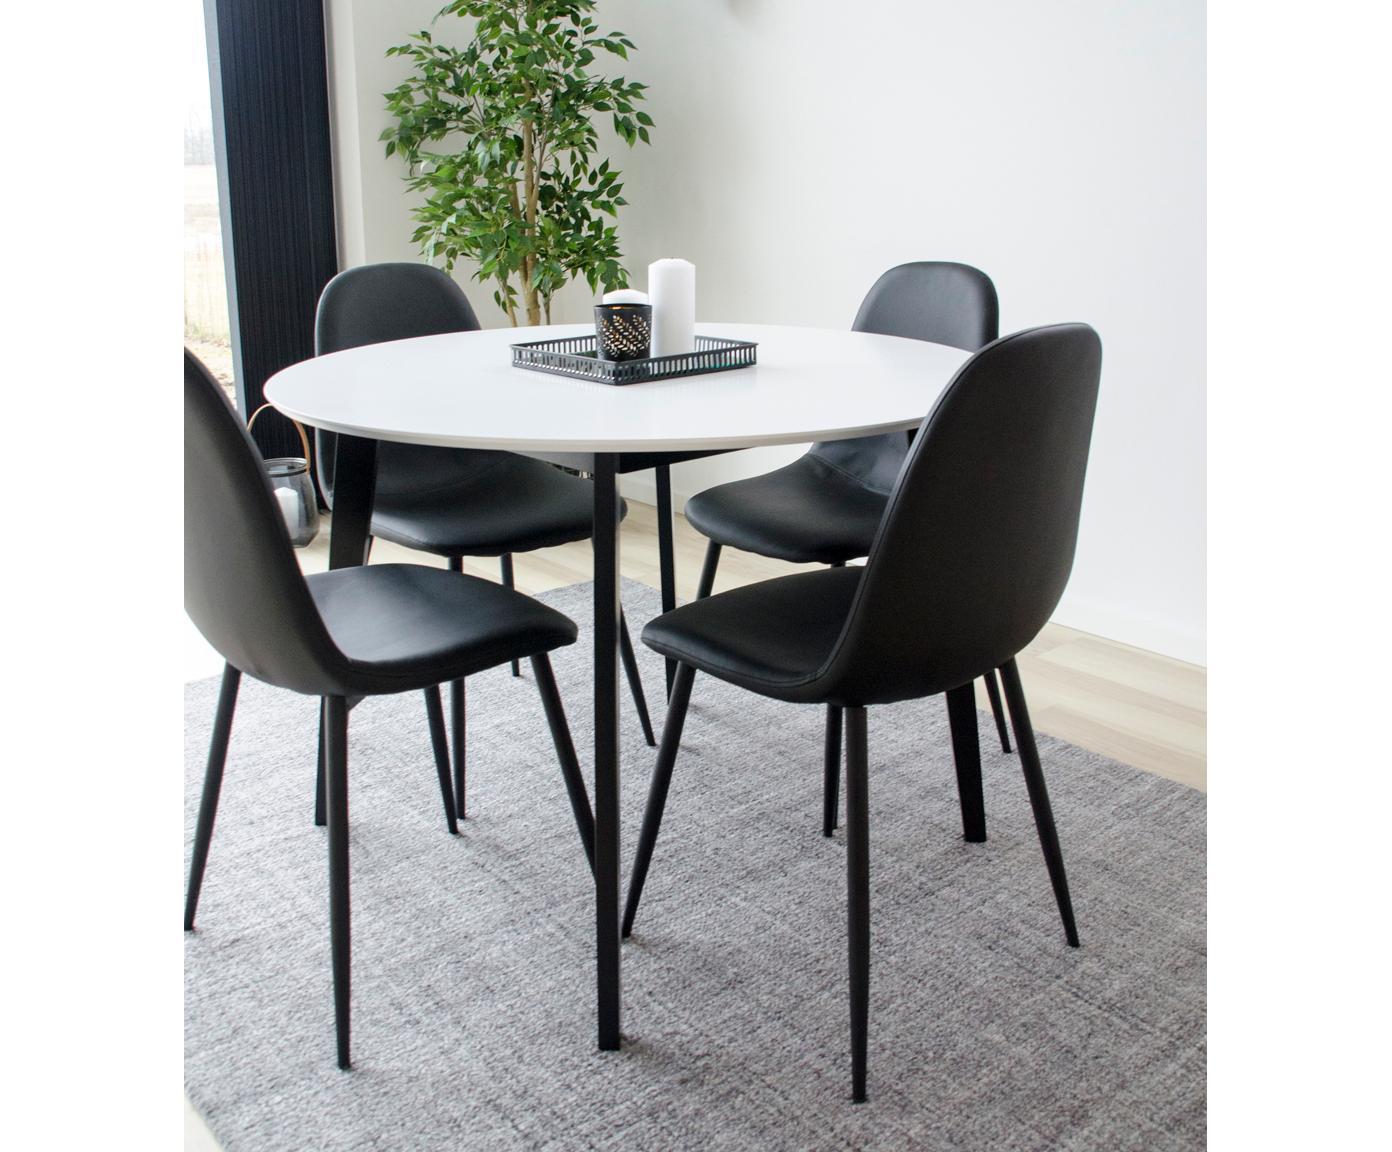 Tavolo rotondo con piano bianco Vojens, Piano d'appoggio: pannello di fibra a media, Piedini: legno di caucciù, Bianco, nero, Ø 105 x Alt. 75 cm